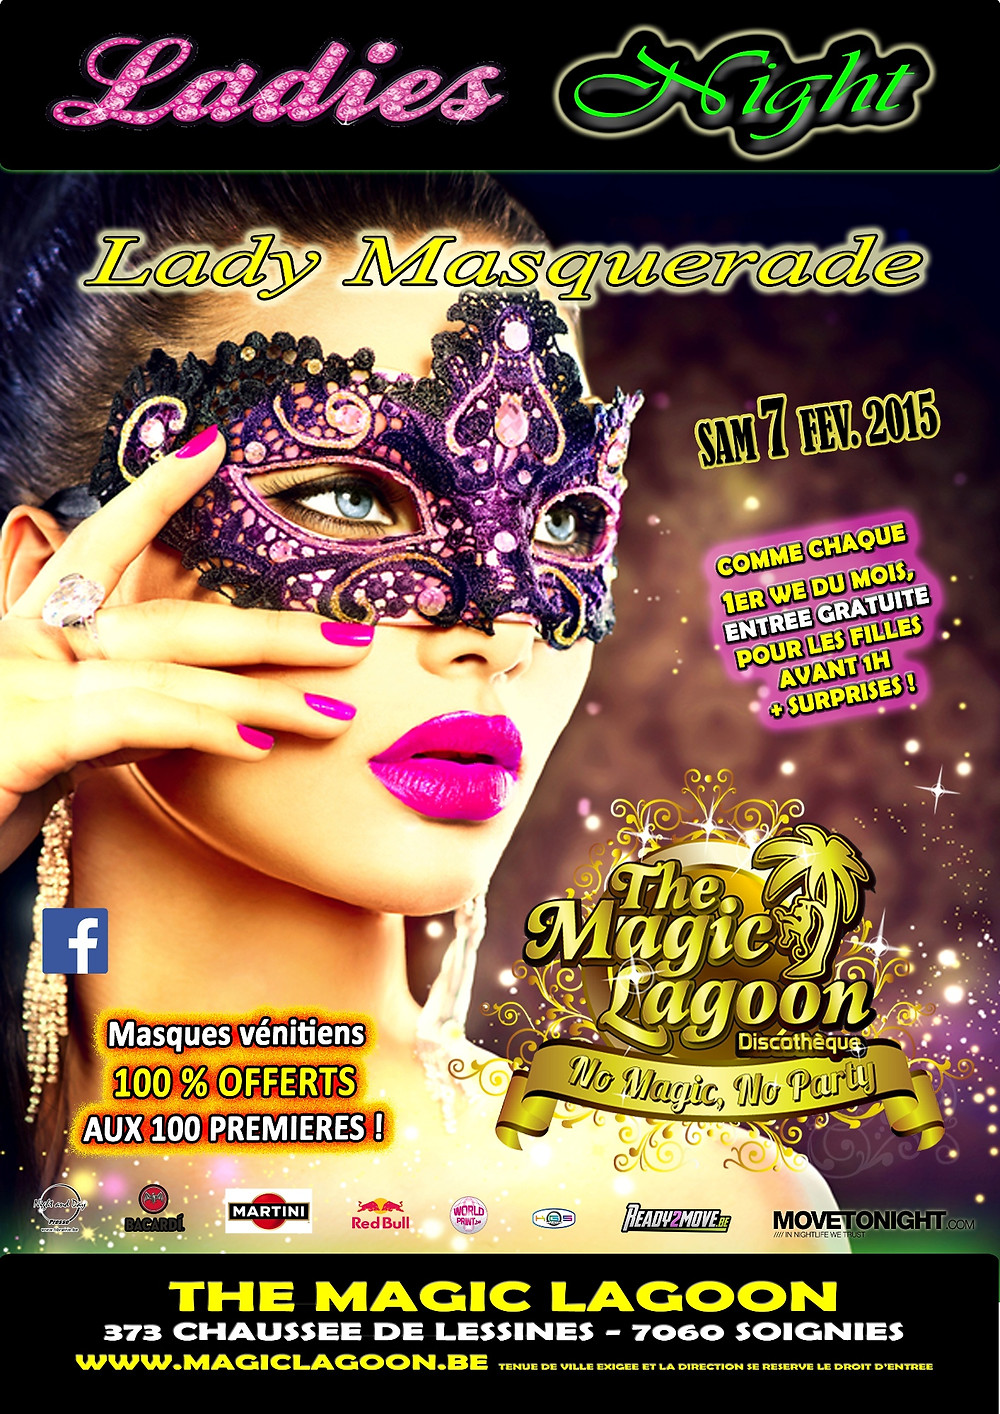 LN Lady Masquerade Sa 0702.jpg